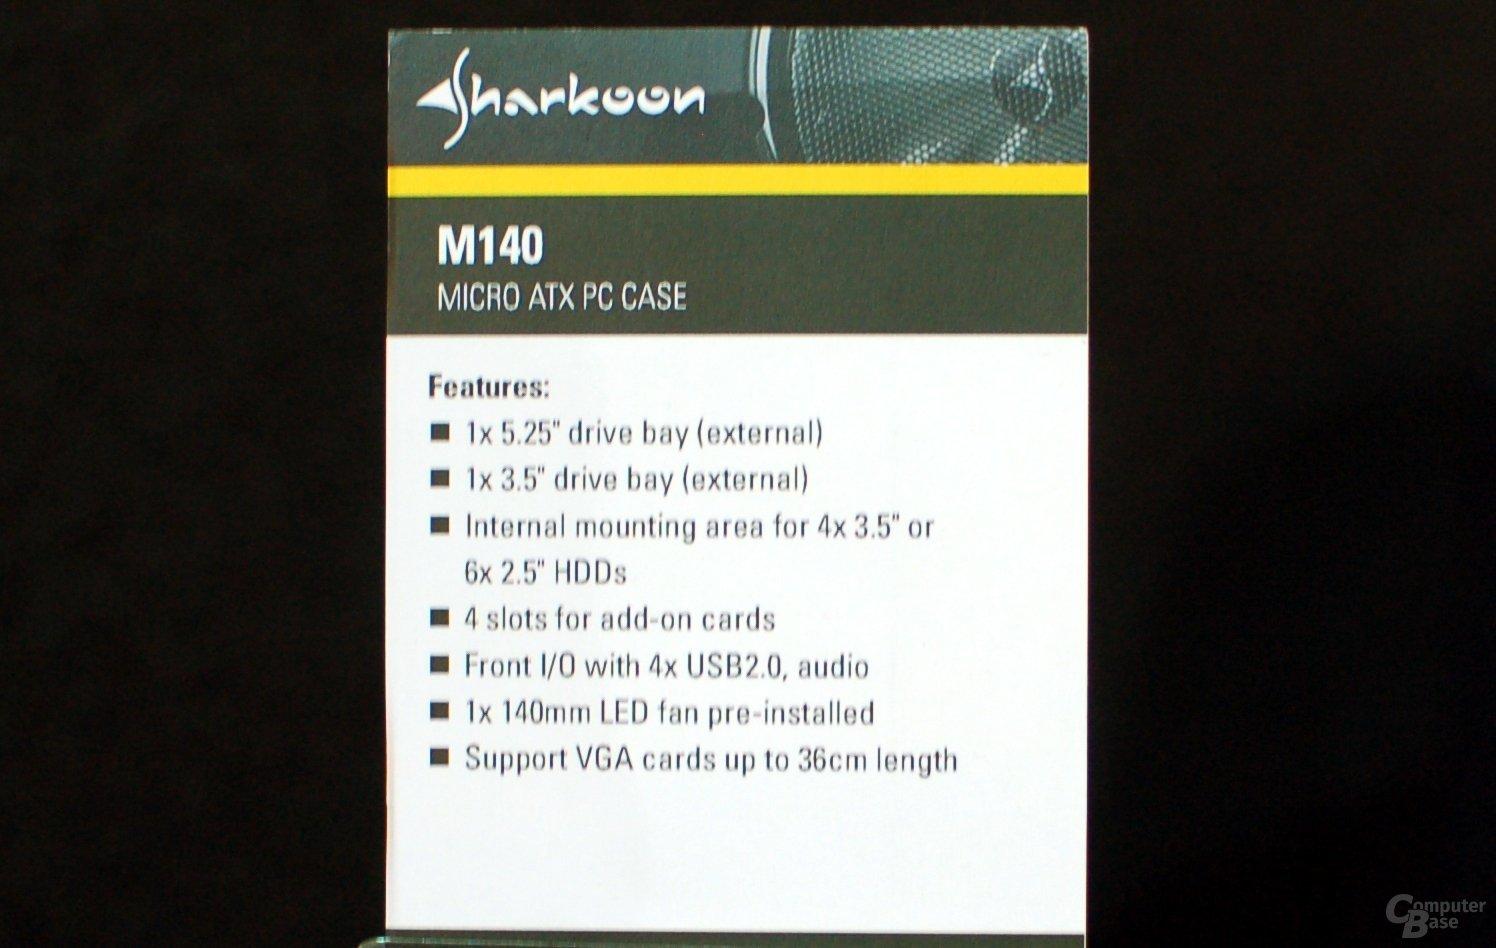 Sharkoon M140